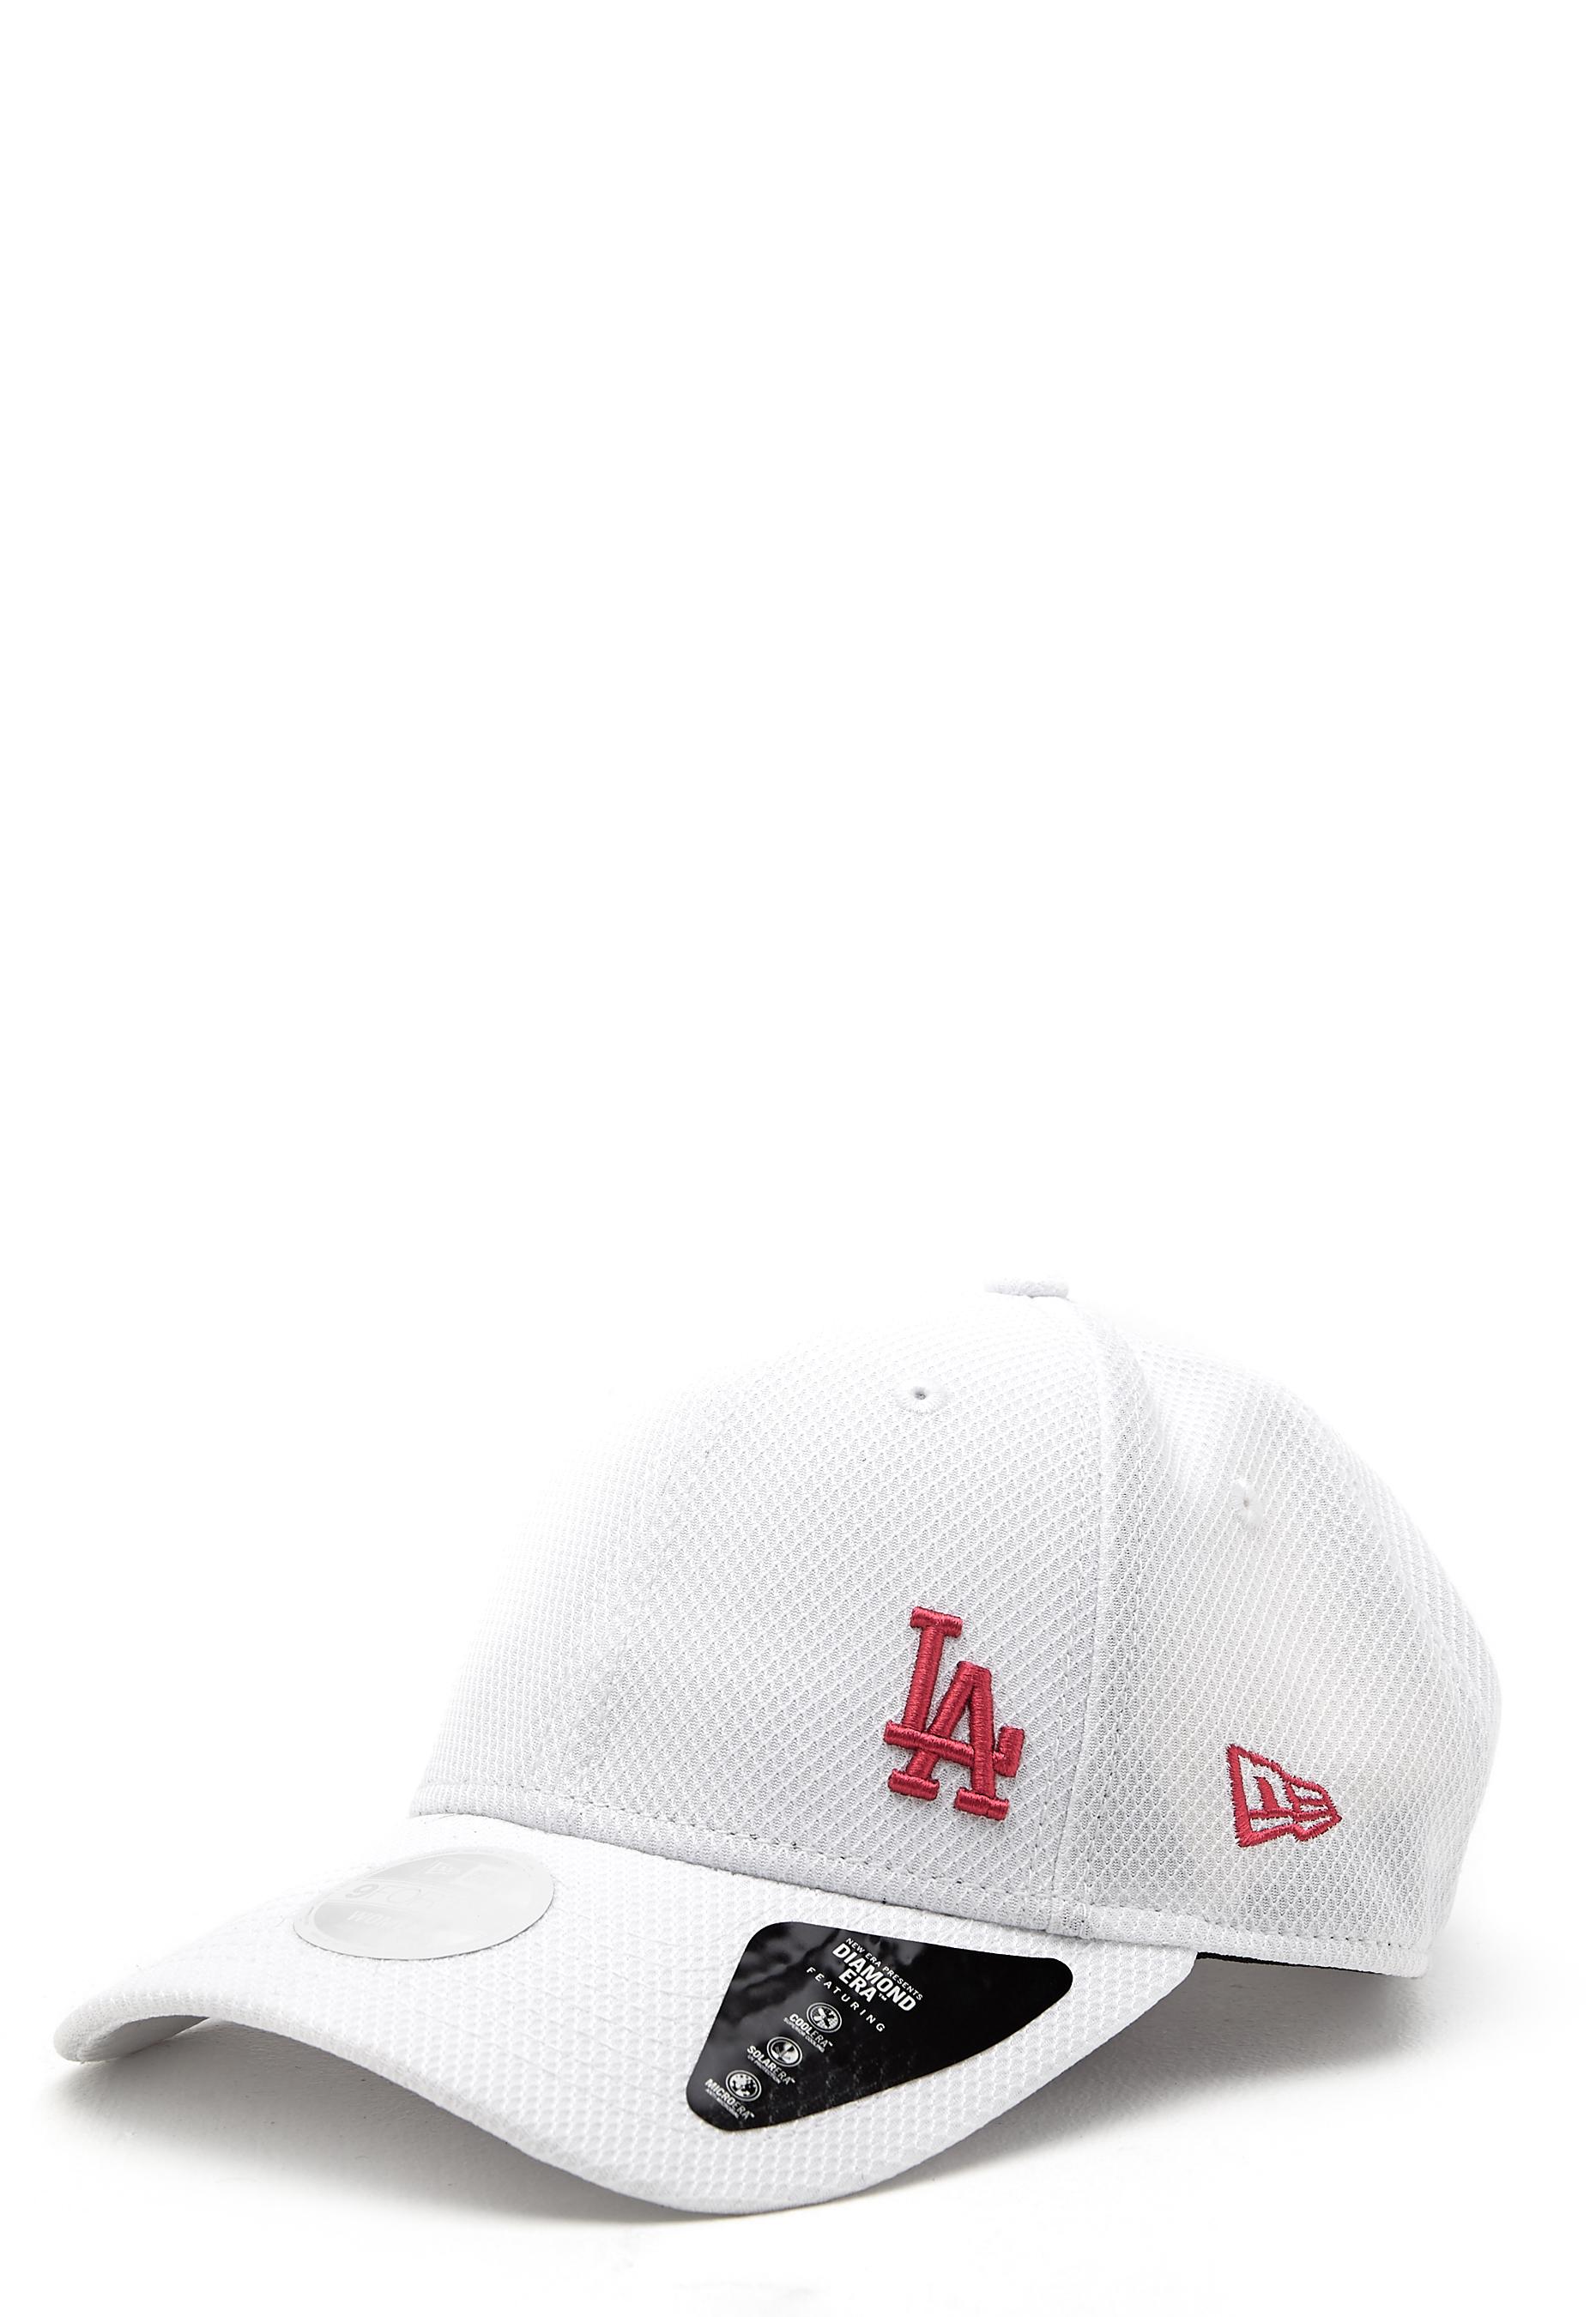 New Era 940 Diamond Cap White pink LOSDO - Bubbleroom ceaf71065c